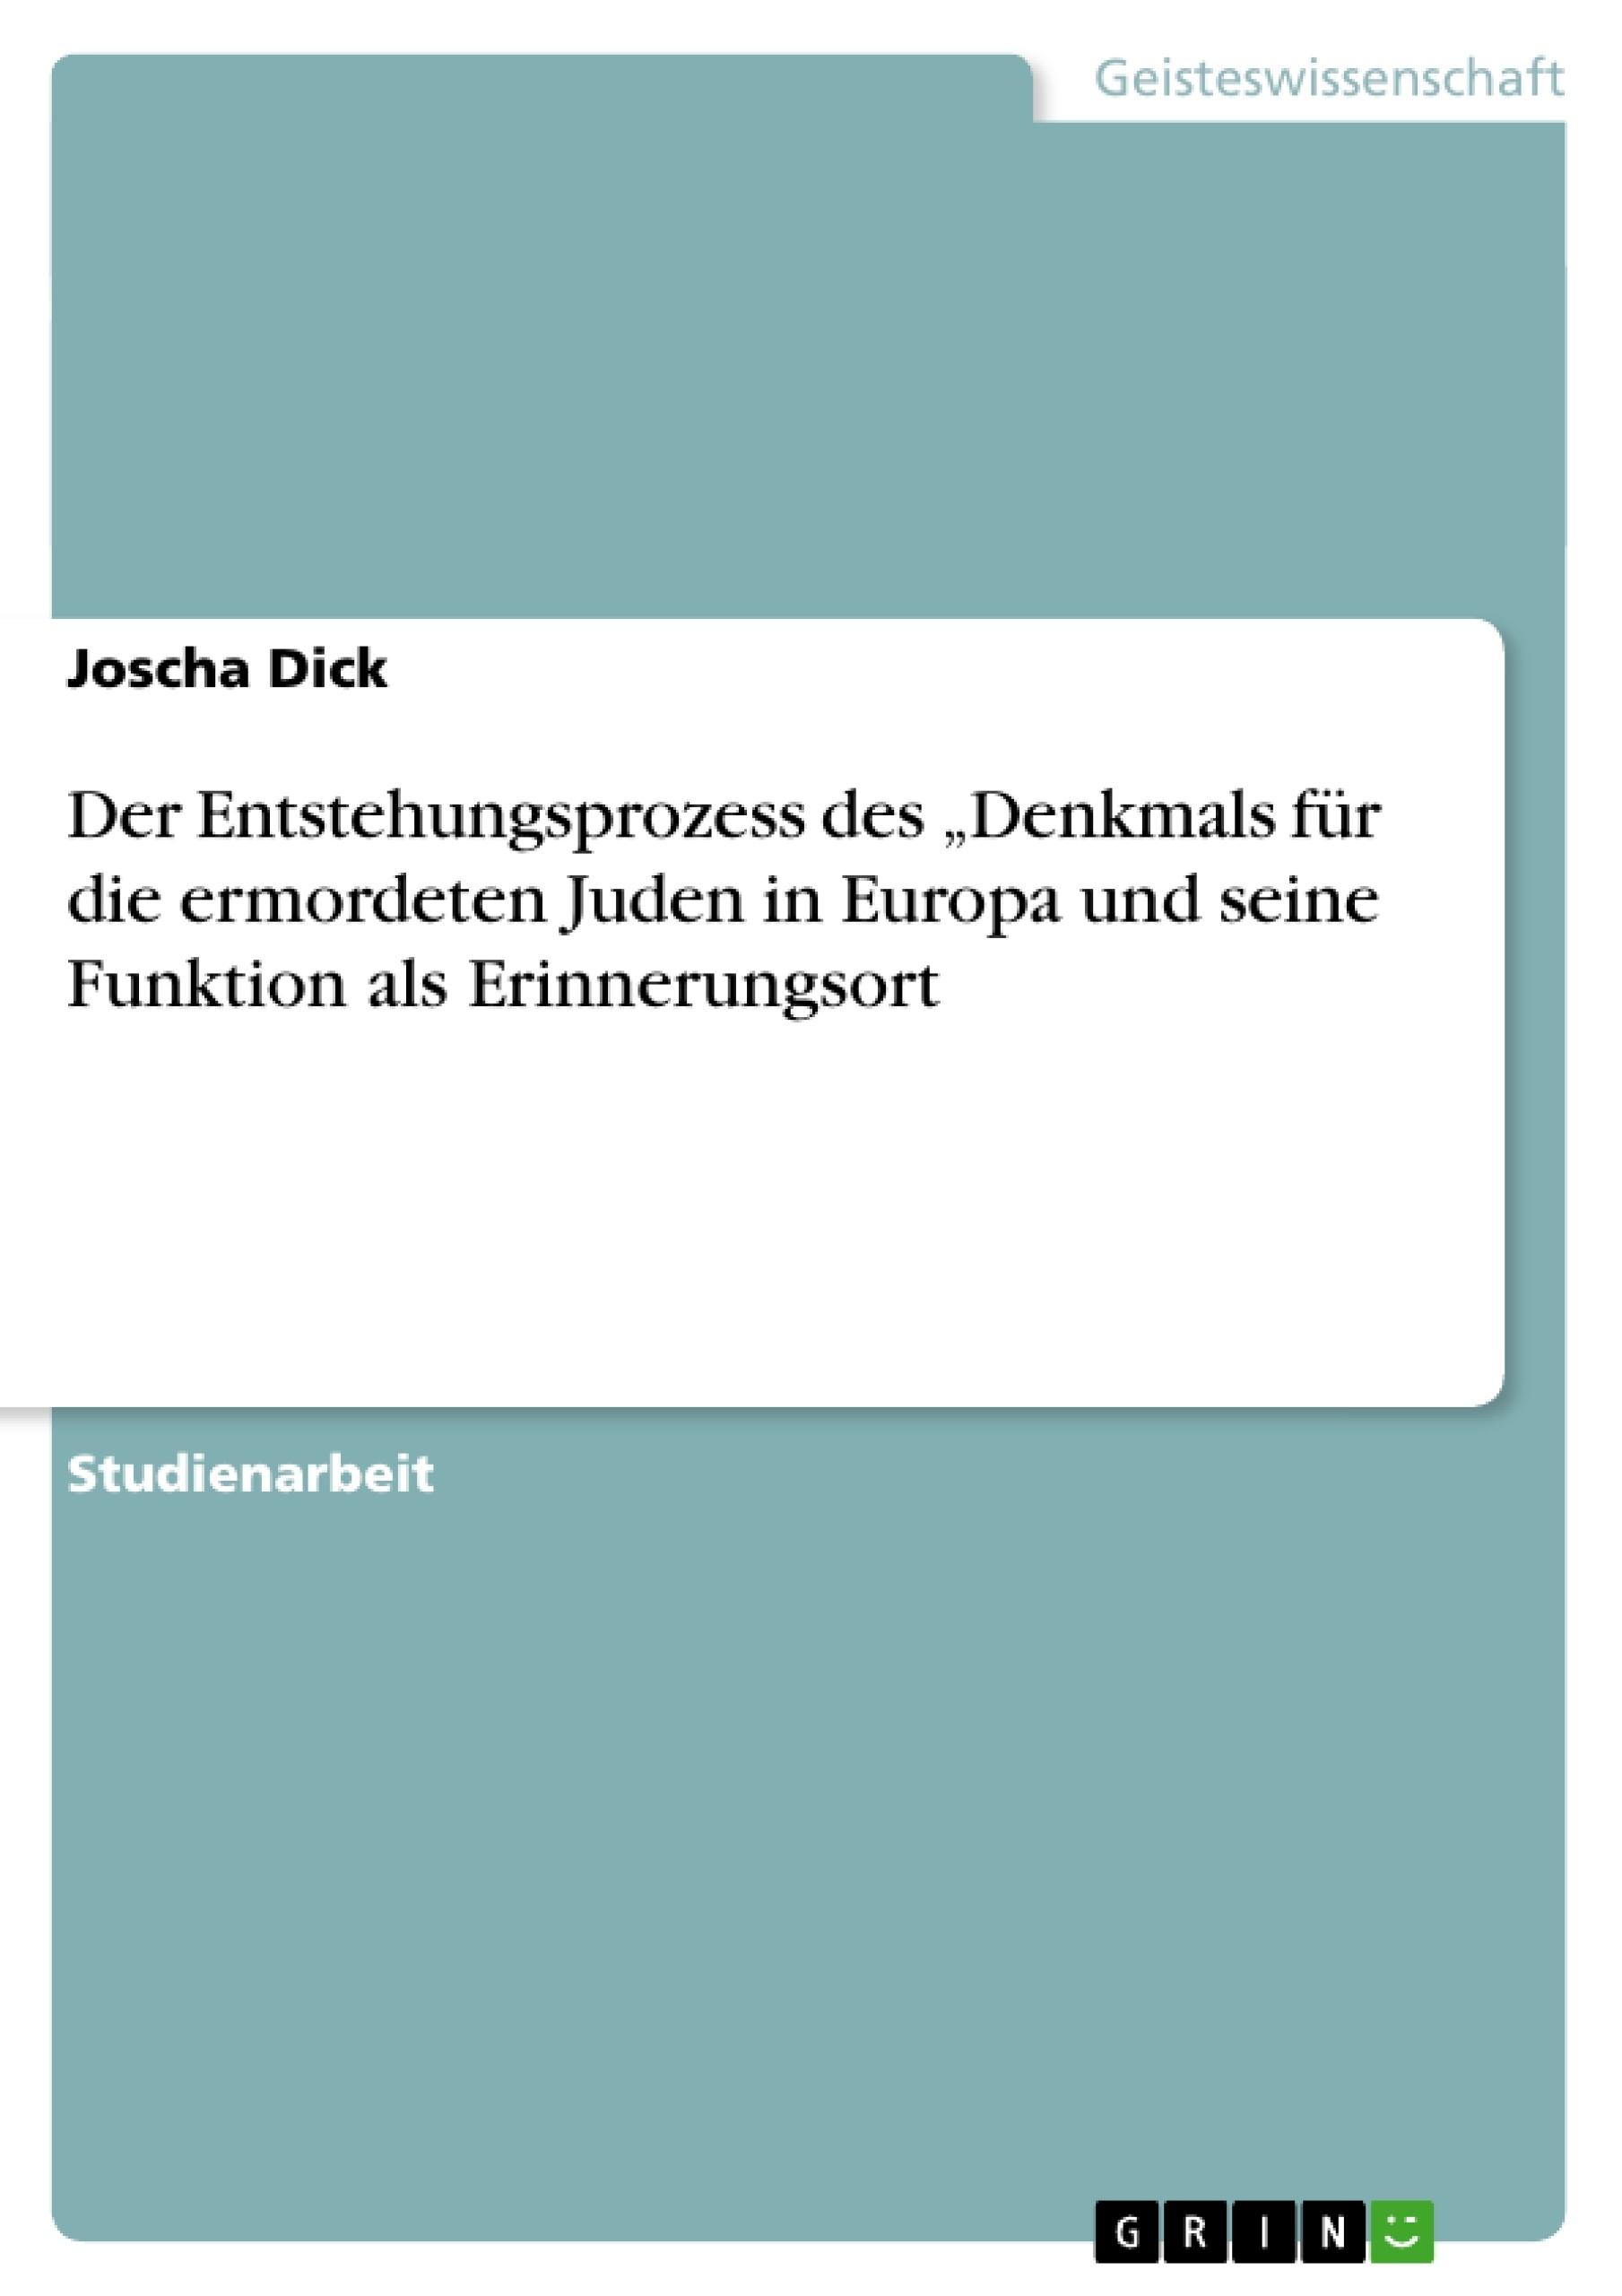 """Titel: Der Entstehungsprozess des """"Denkmals für die ermordeten Juden in Europa und seine Funktion als Erinnerungsort"""